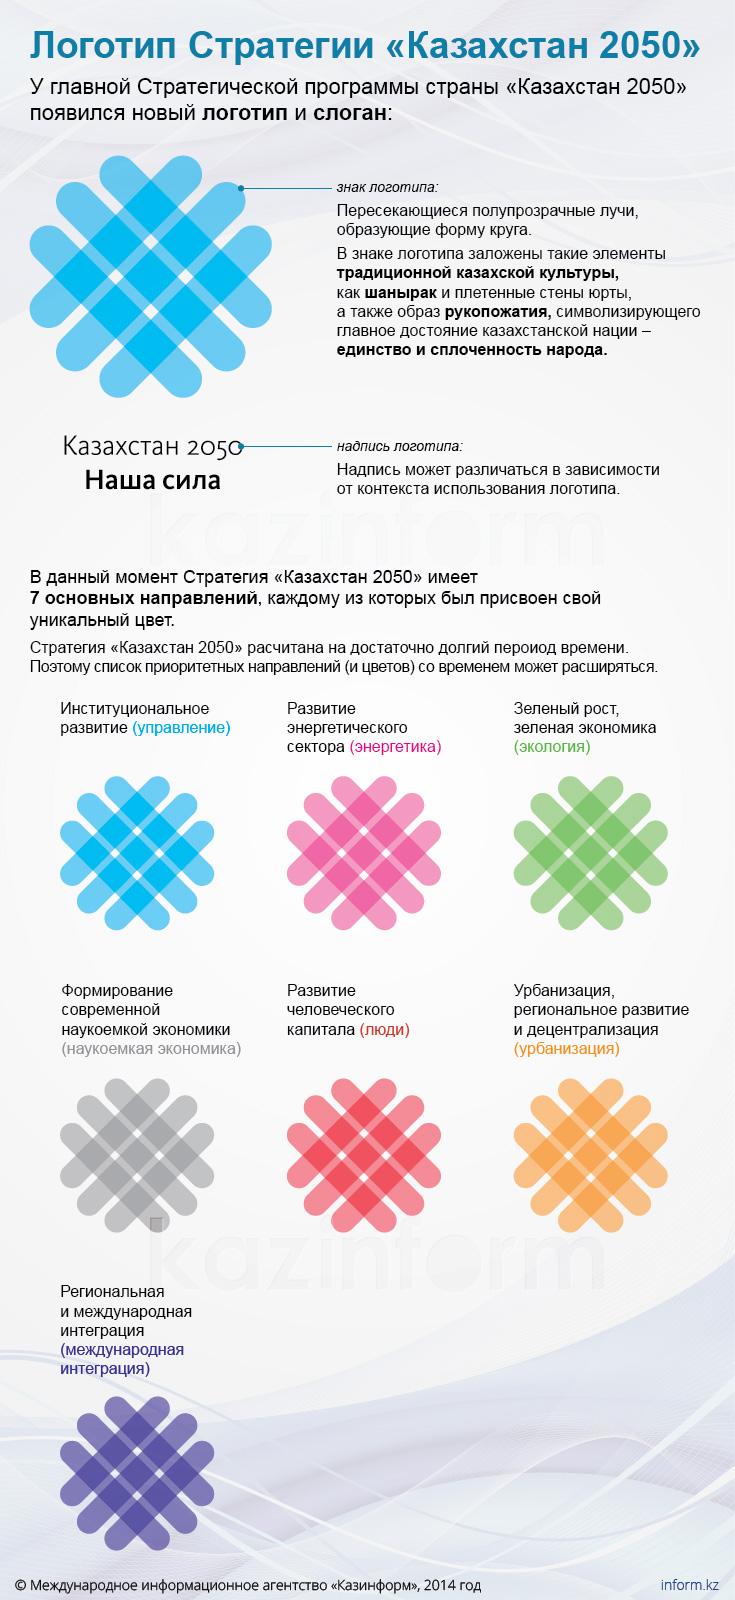 Логотип Стратегии «Казахстан 2050»